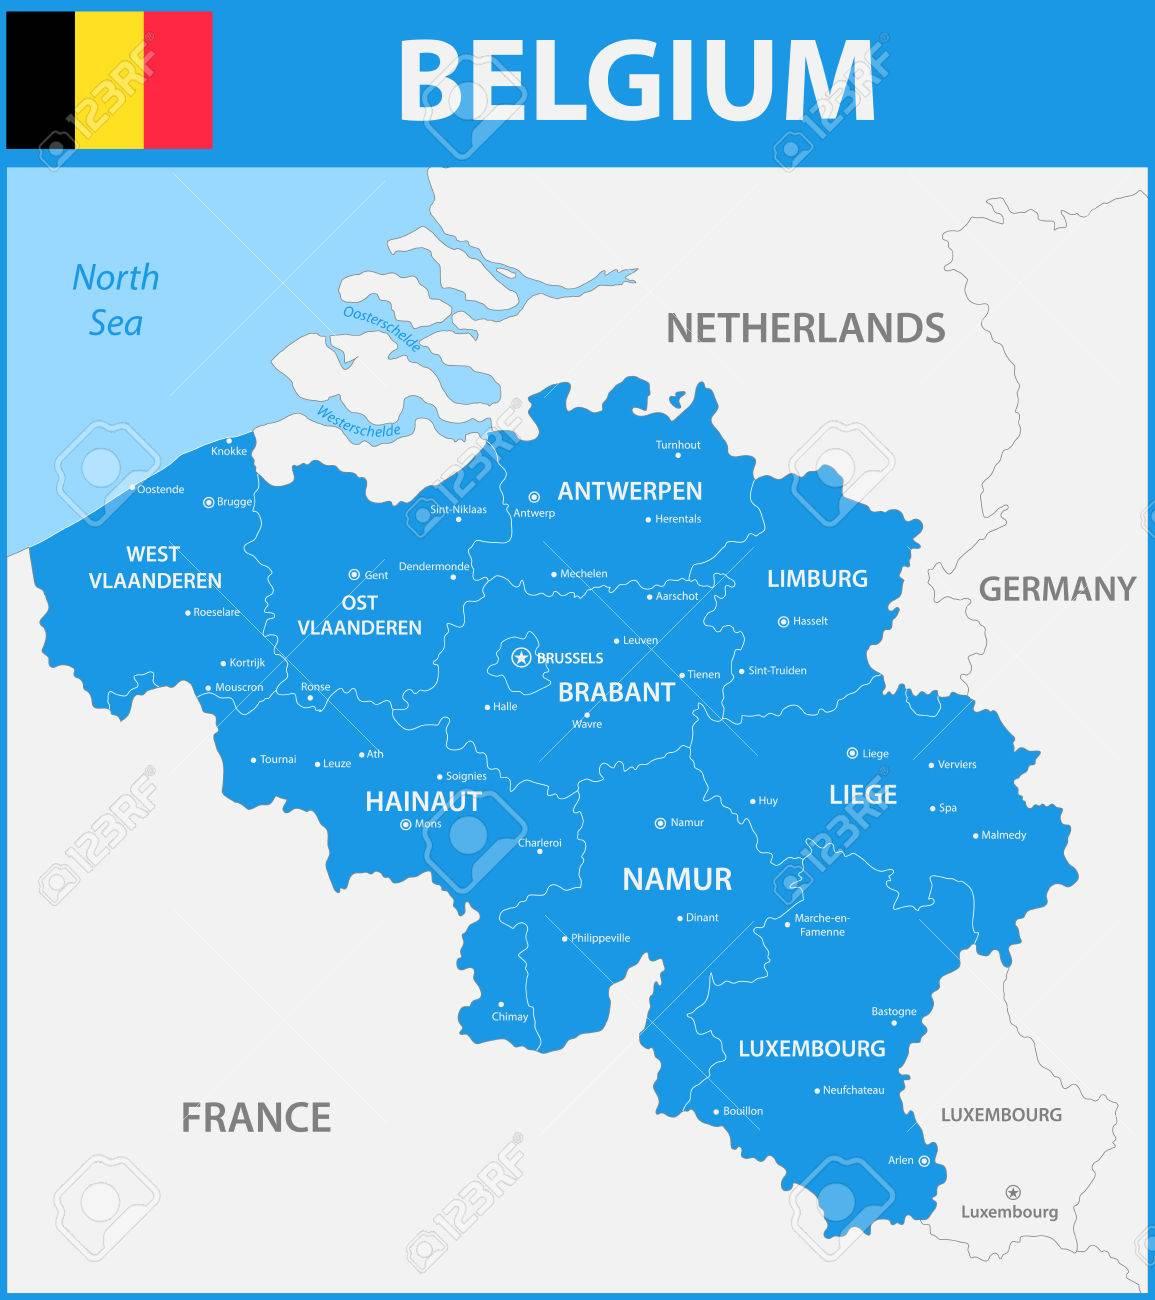 Carte Belgique Villes.La Carte Detaillee De La Belgique Avec Les Regions Ou Les Etats Et Les Villes Les Capitales